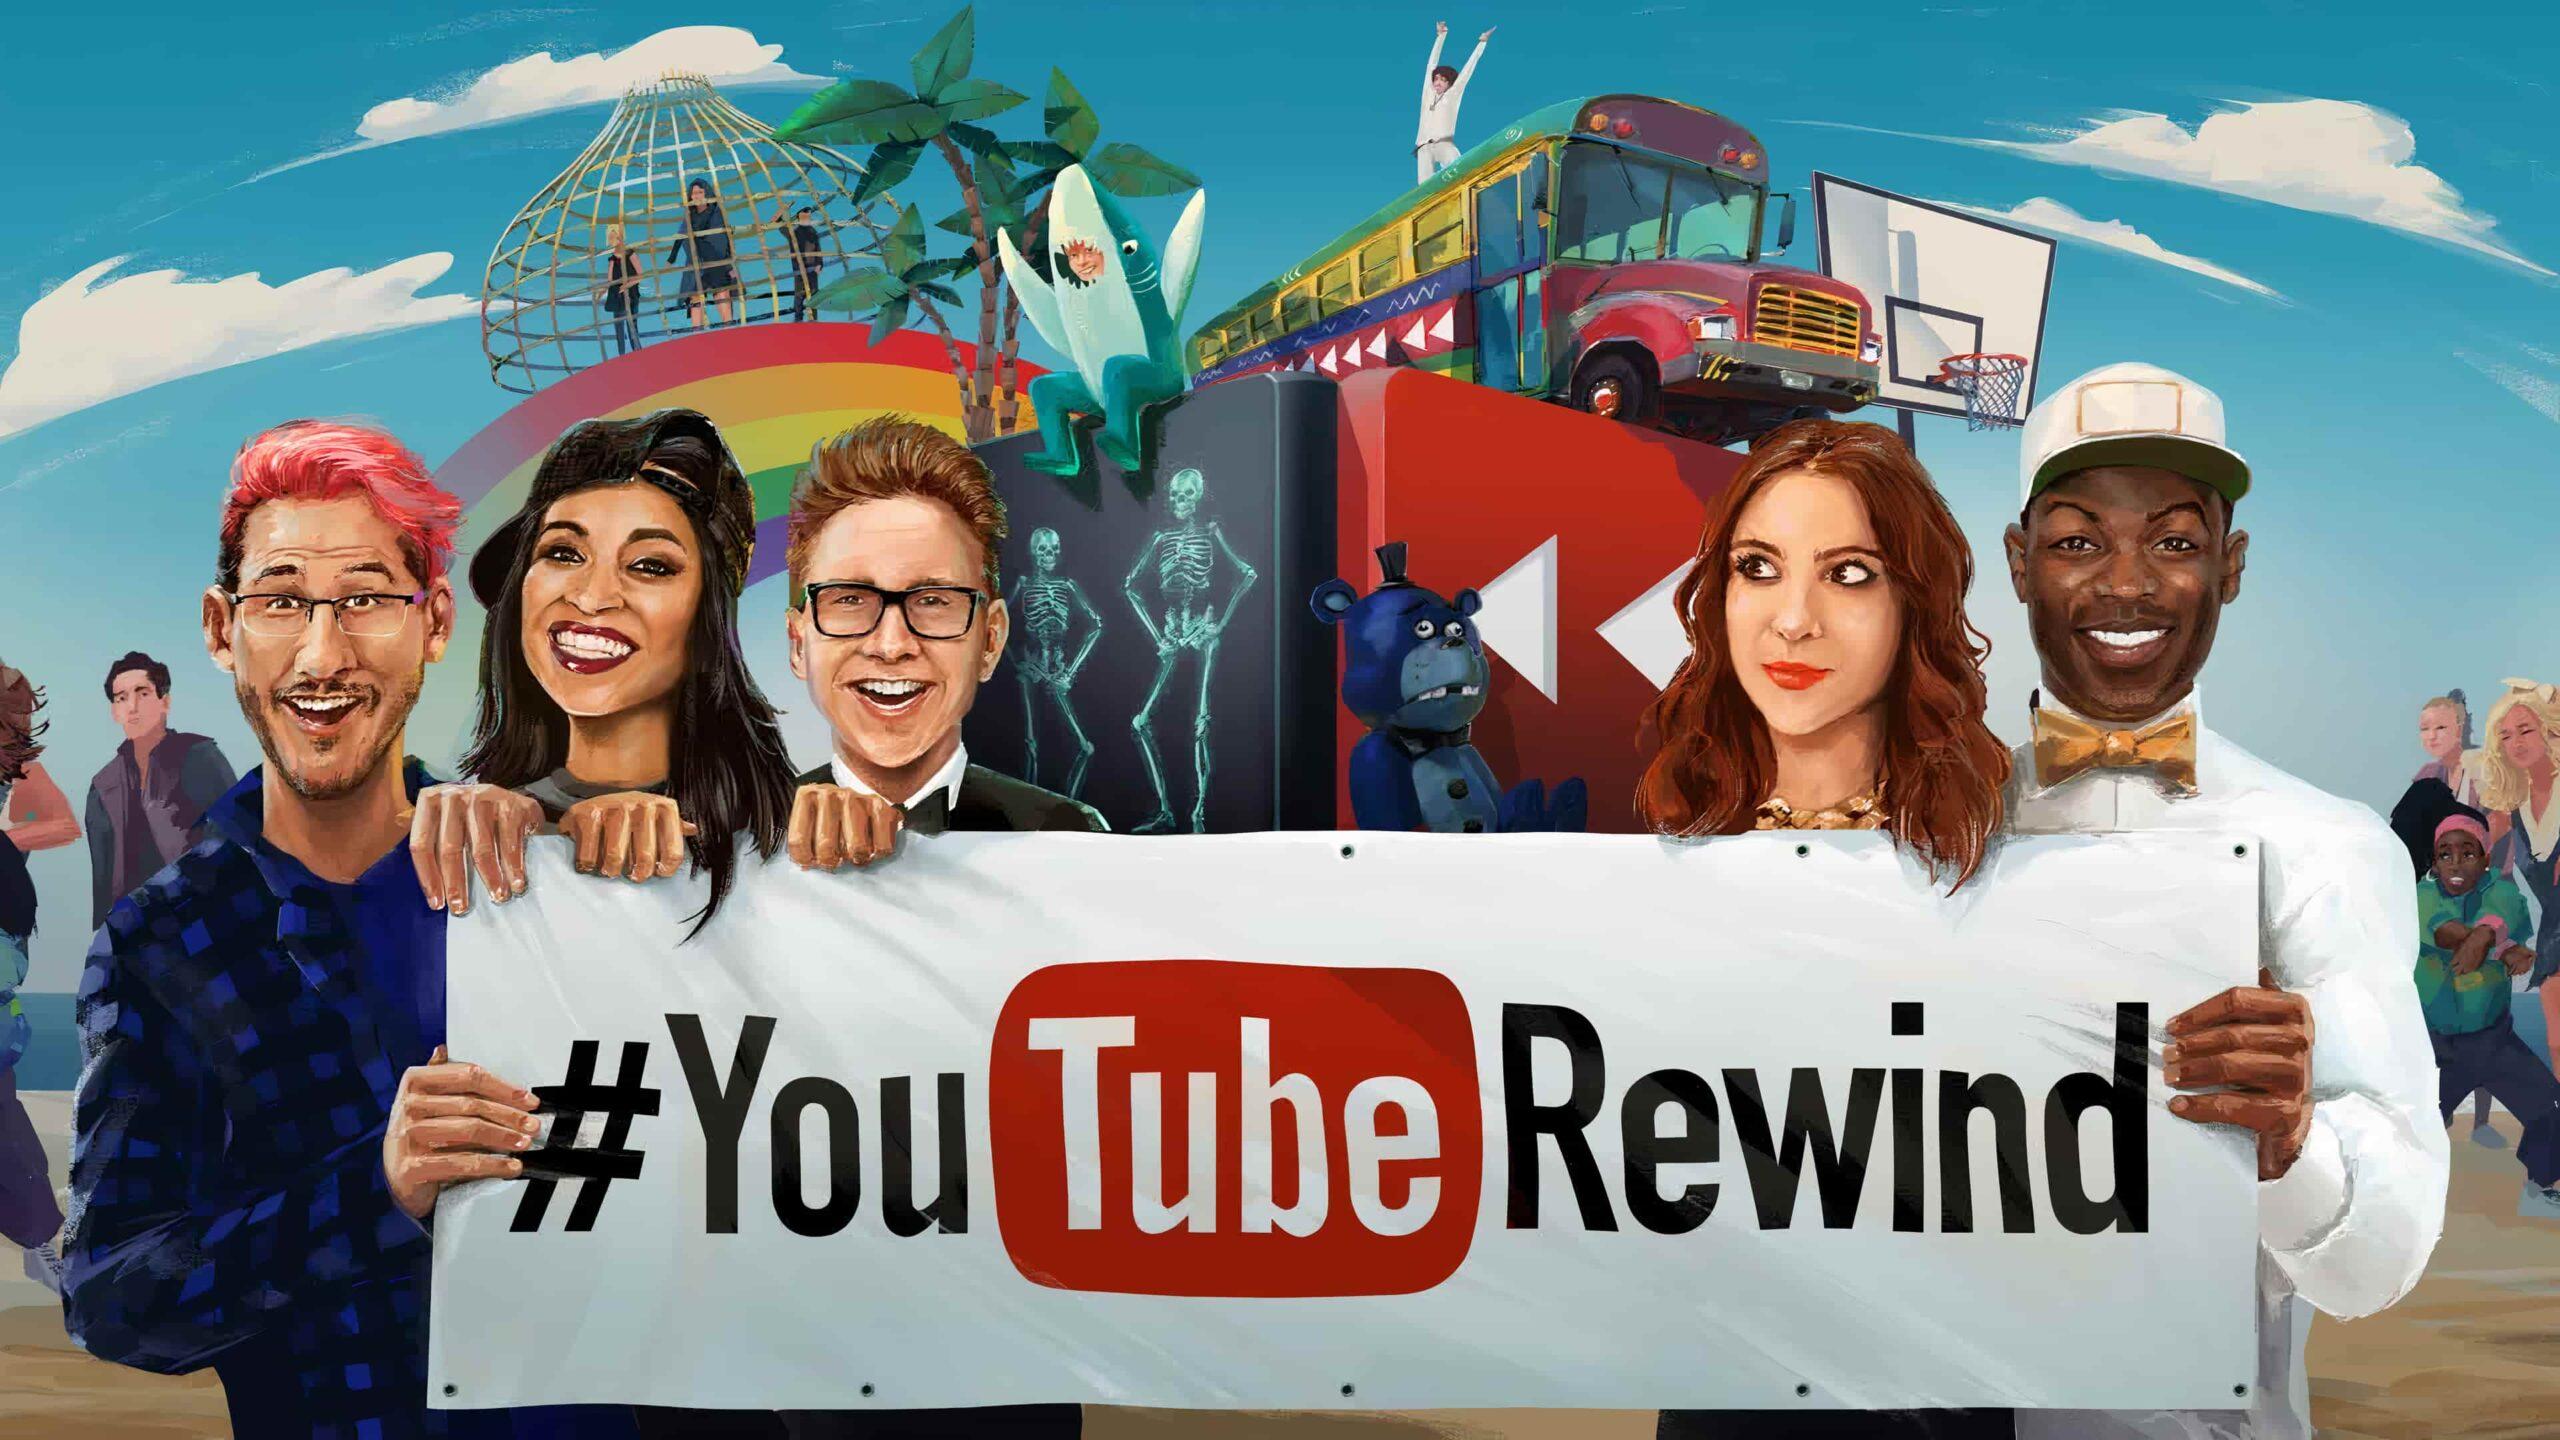 youtube rewind titolo 1